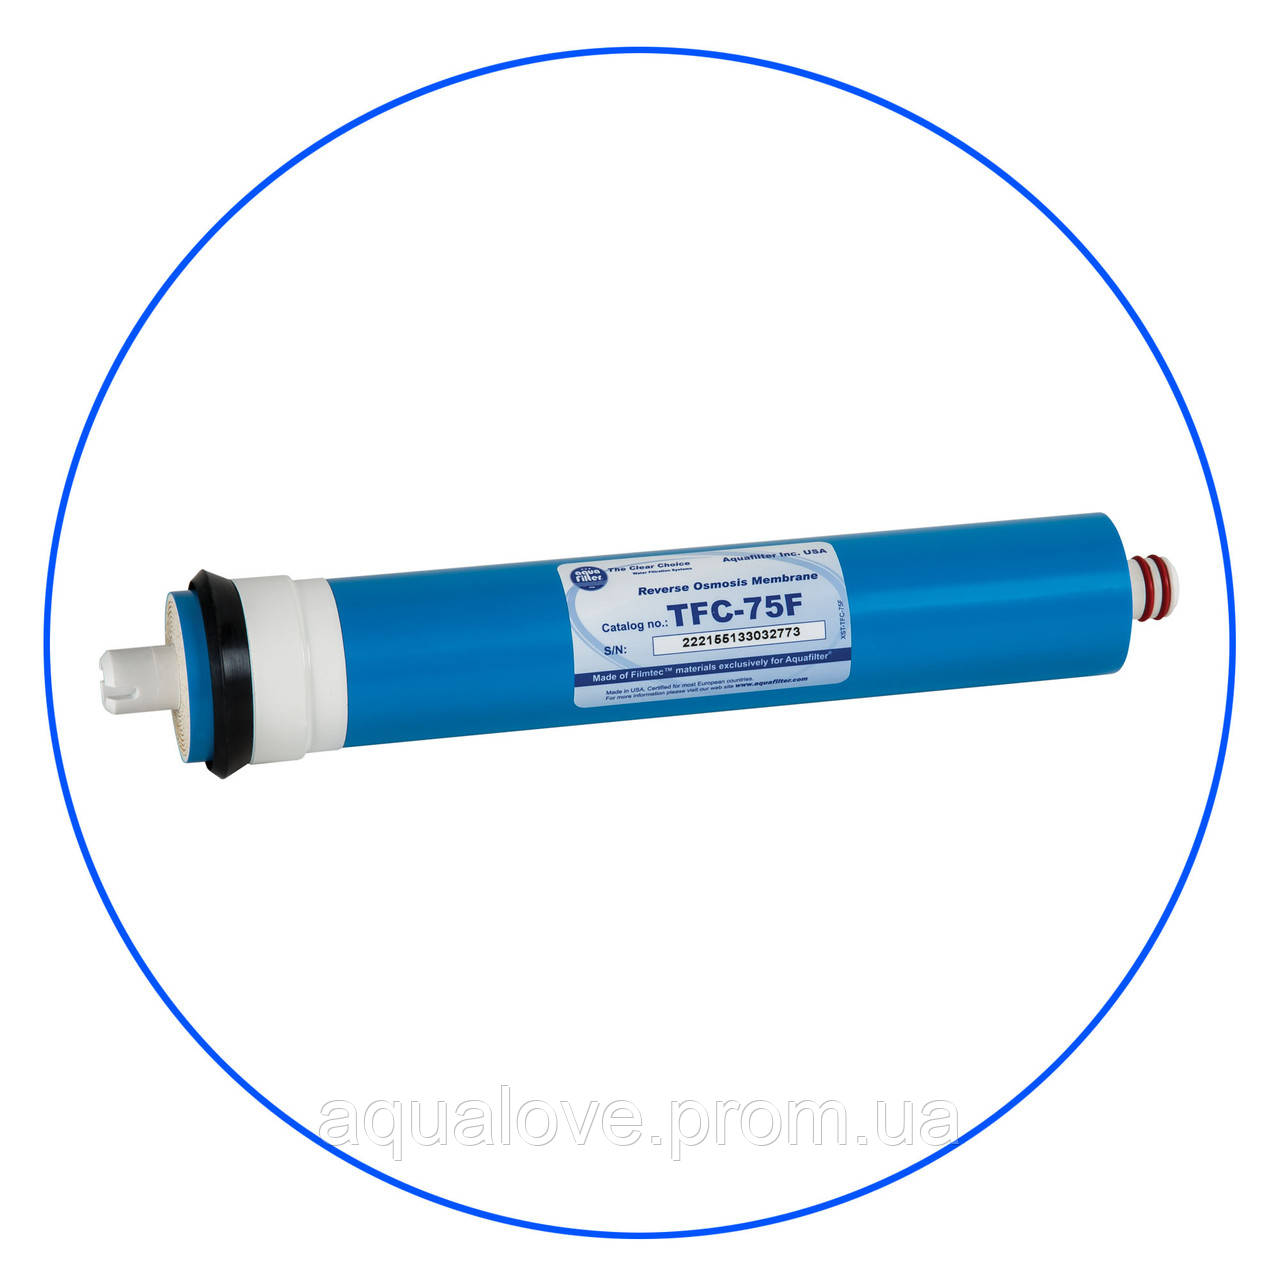 Мембрана обратного осмоса AQUAFILTER®, производительность 75 GPD, TFC75F